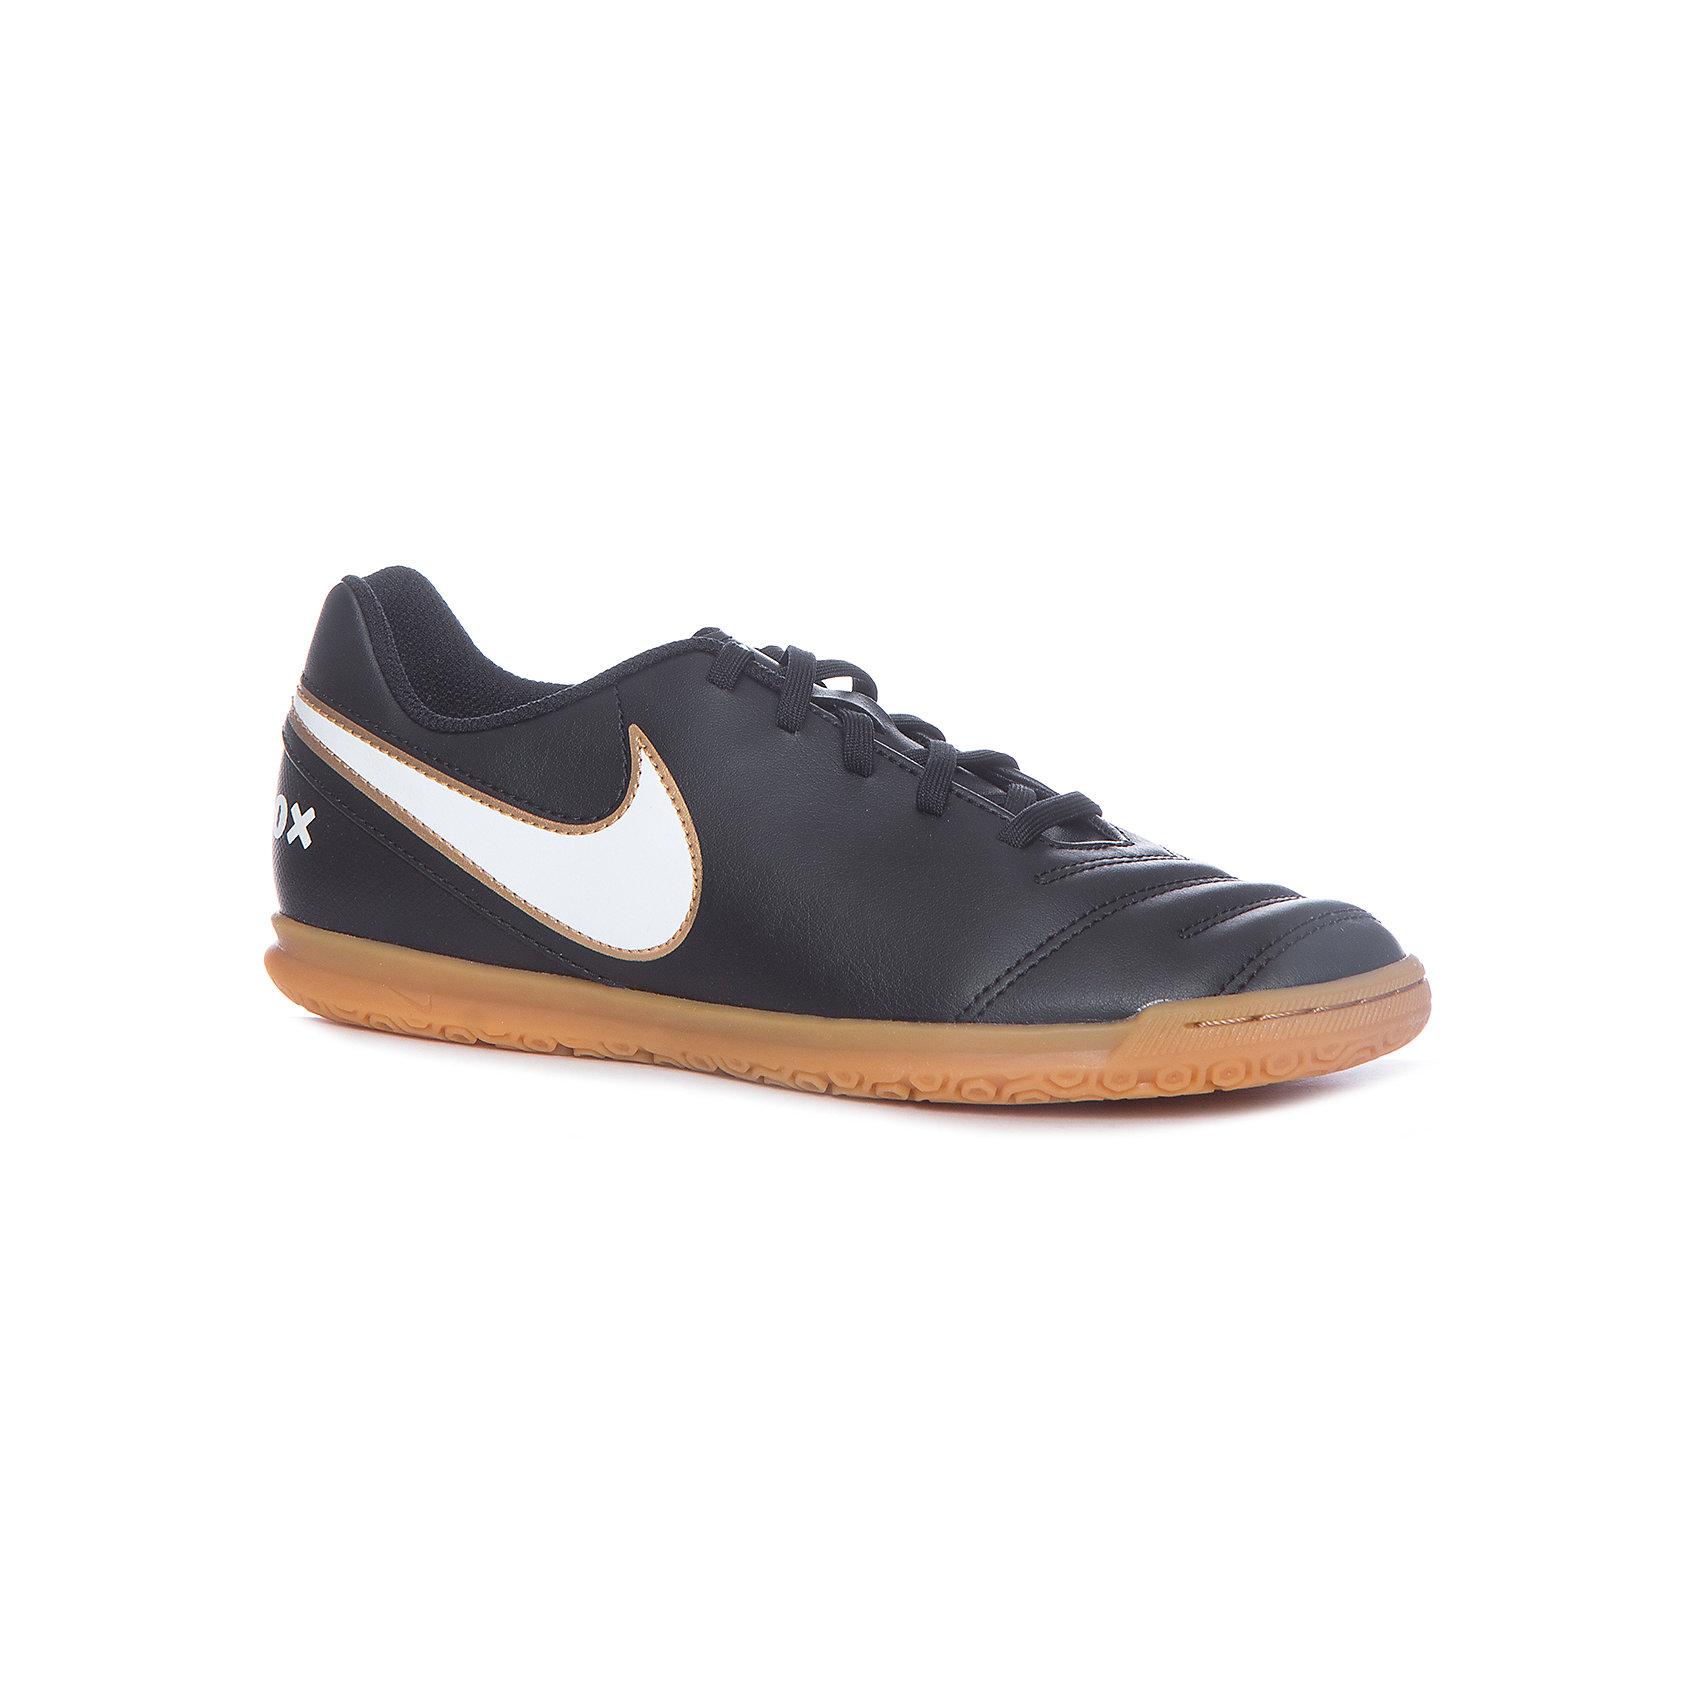 Кеды Nike JR Tiempo Rio IIIОбувь для девочек<br>Характеристики товара:<br><br>• цвет: черный<br>• спортивный стиль<br>• внешний материал обуви: искусственная кожа<br>• внутренний материал: текстиль<br>• стелька: текстиль, ЭВА<br>• подошва: резина<br>• декорированы логотипом<br>• вставка в подошве для мягкой амортизации<br>• тип застежки: шнуровка<br>• сезон: весна, лето<br>• температурный режим: от +10°С до +20°С<br>• устойчивая подошва<br>• защищенный мыс и пятка<br>• износостойкий материал<br>• коллекция: весна-лето 2017<br>• страна бренда: США<br>• страна изготовитель: Индонезия<br><br>Продукция бренда NIKE известна высоким качеством, уникальным узнаваемым дизайном и проработанными деталями, которые создают удобство при занятиях спортом и долгой ходьбе. Натуральная кожа в качестве внутреннего материала помогает этой модели обеспечить ребенку комфорт и предотвратить натирание.<br><br>Уход за такой обувью прост, она легко чистится и быстро сушится. Надевается элементарно благодаря удобной шнуровке.<br><br>Обувь качественно проработана, она долго служит, удобно сидит, отлично защищает детскую ногу от повреждений. Стильно выглядит и хорошо смотрится с одеждой разных цветов и стилей.<br><br>Кеды NIKE (Найк) можно купить в нашем интернет-магазине.<br><br>Ширина мм: 250<br>Глубина мм: 150<br>Высота мм: 150<br>Вес г: 250<br>Цвет: черный<br>Возраст от месяцев: 156<br>Возраст до месяцев: 168<br>Пол: Мужской<br>Возраст: Детский<br>Размер: 36.5,33.5,34.5,35.5,37,32,34,31.5<br>SKU: 6758806